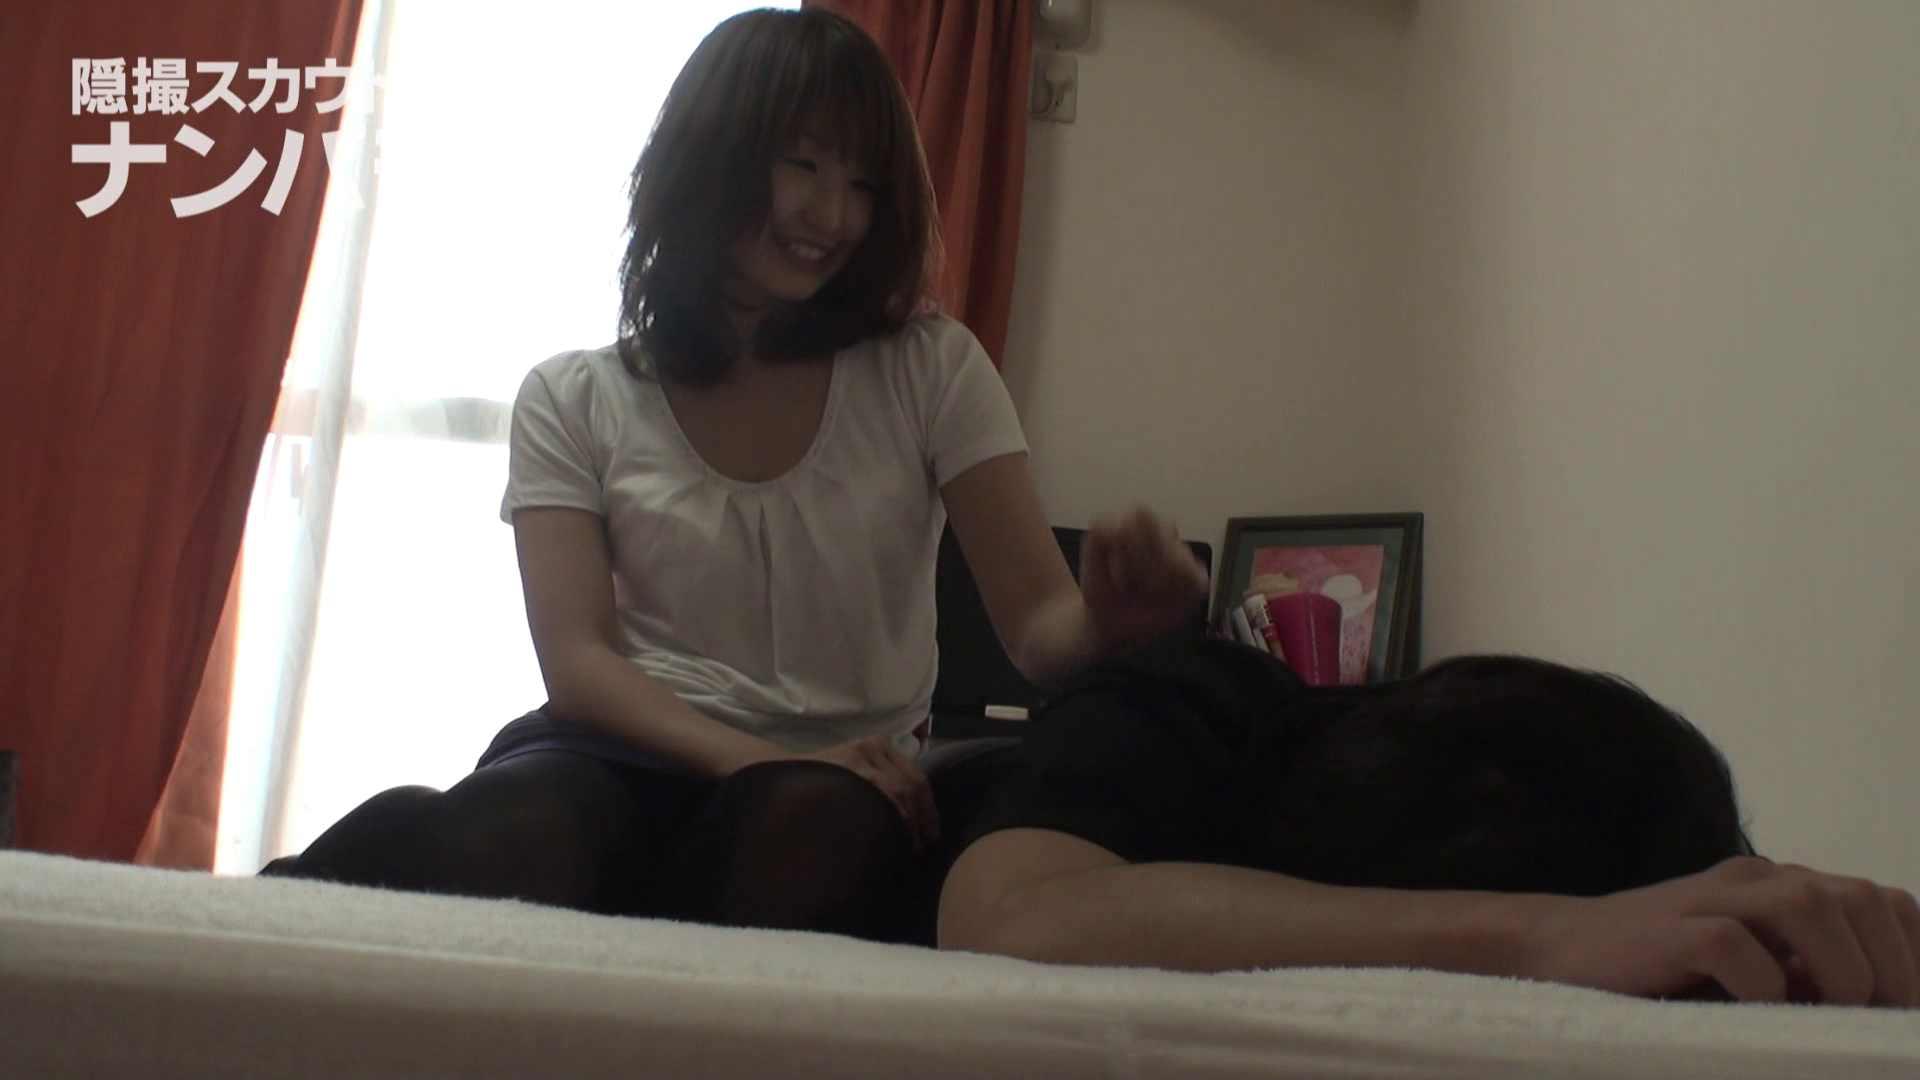 隠撮スカウトマンのナンパ部屋~風俗デビュー前のつまみ食い~ siivol.2 OL裸体 | ナンパ  58画像 5